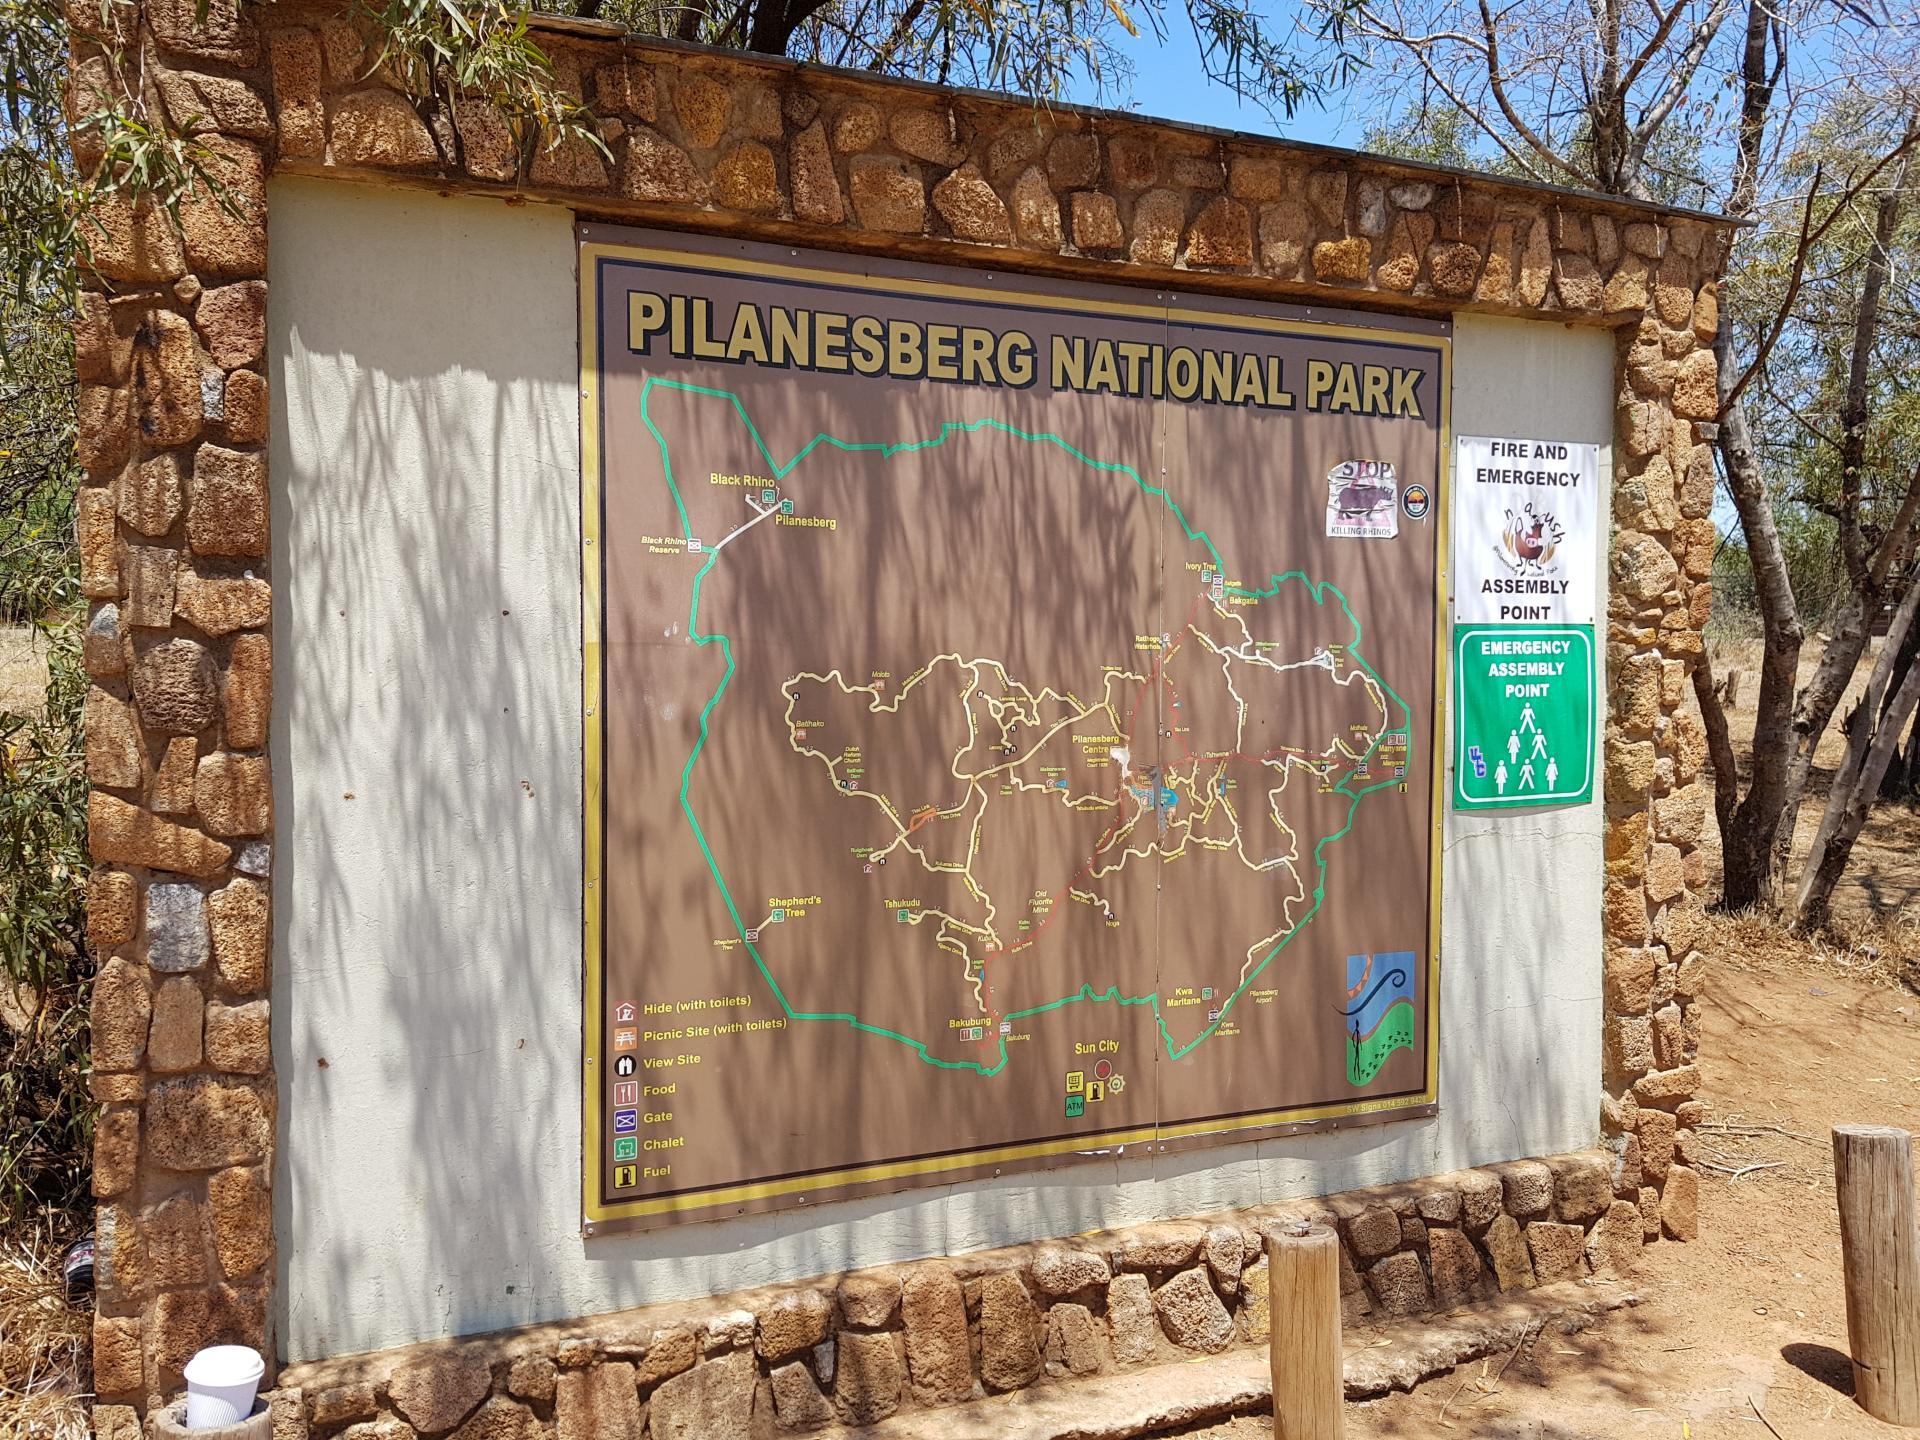 стенд с информацией парк Пиланесберг